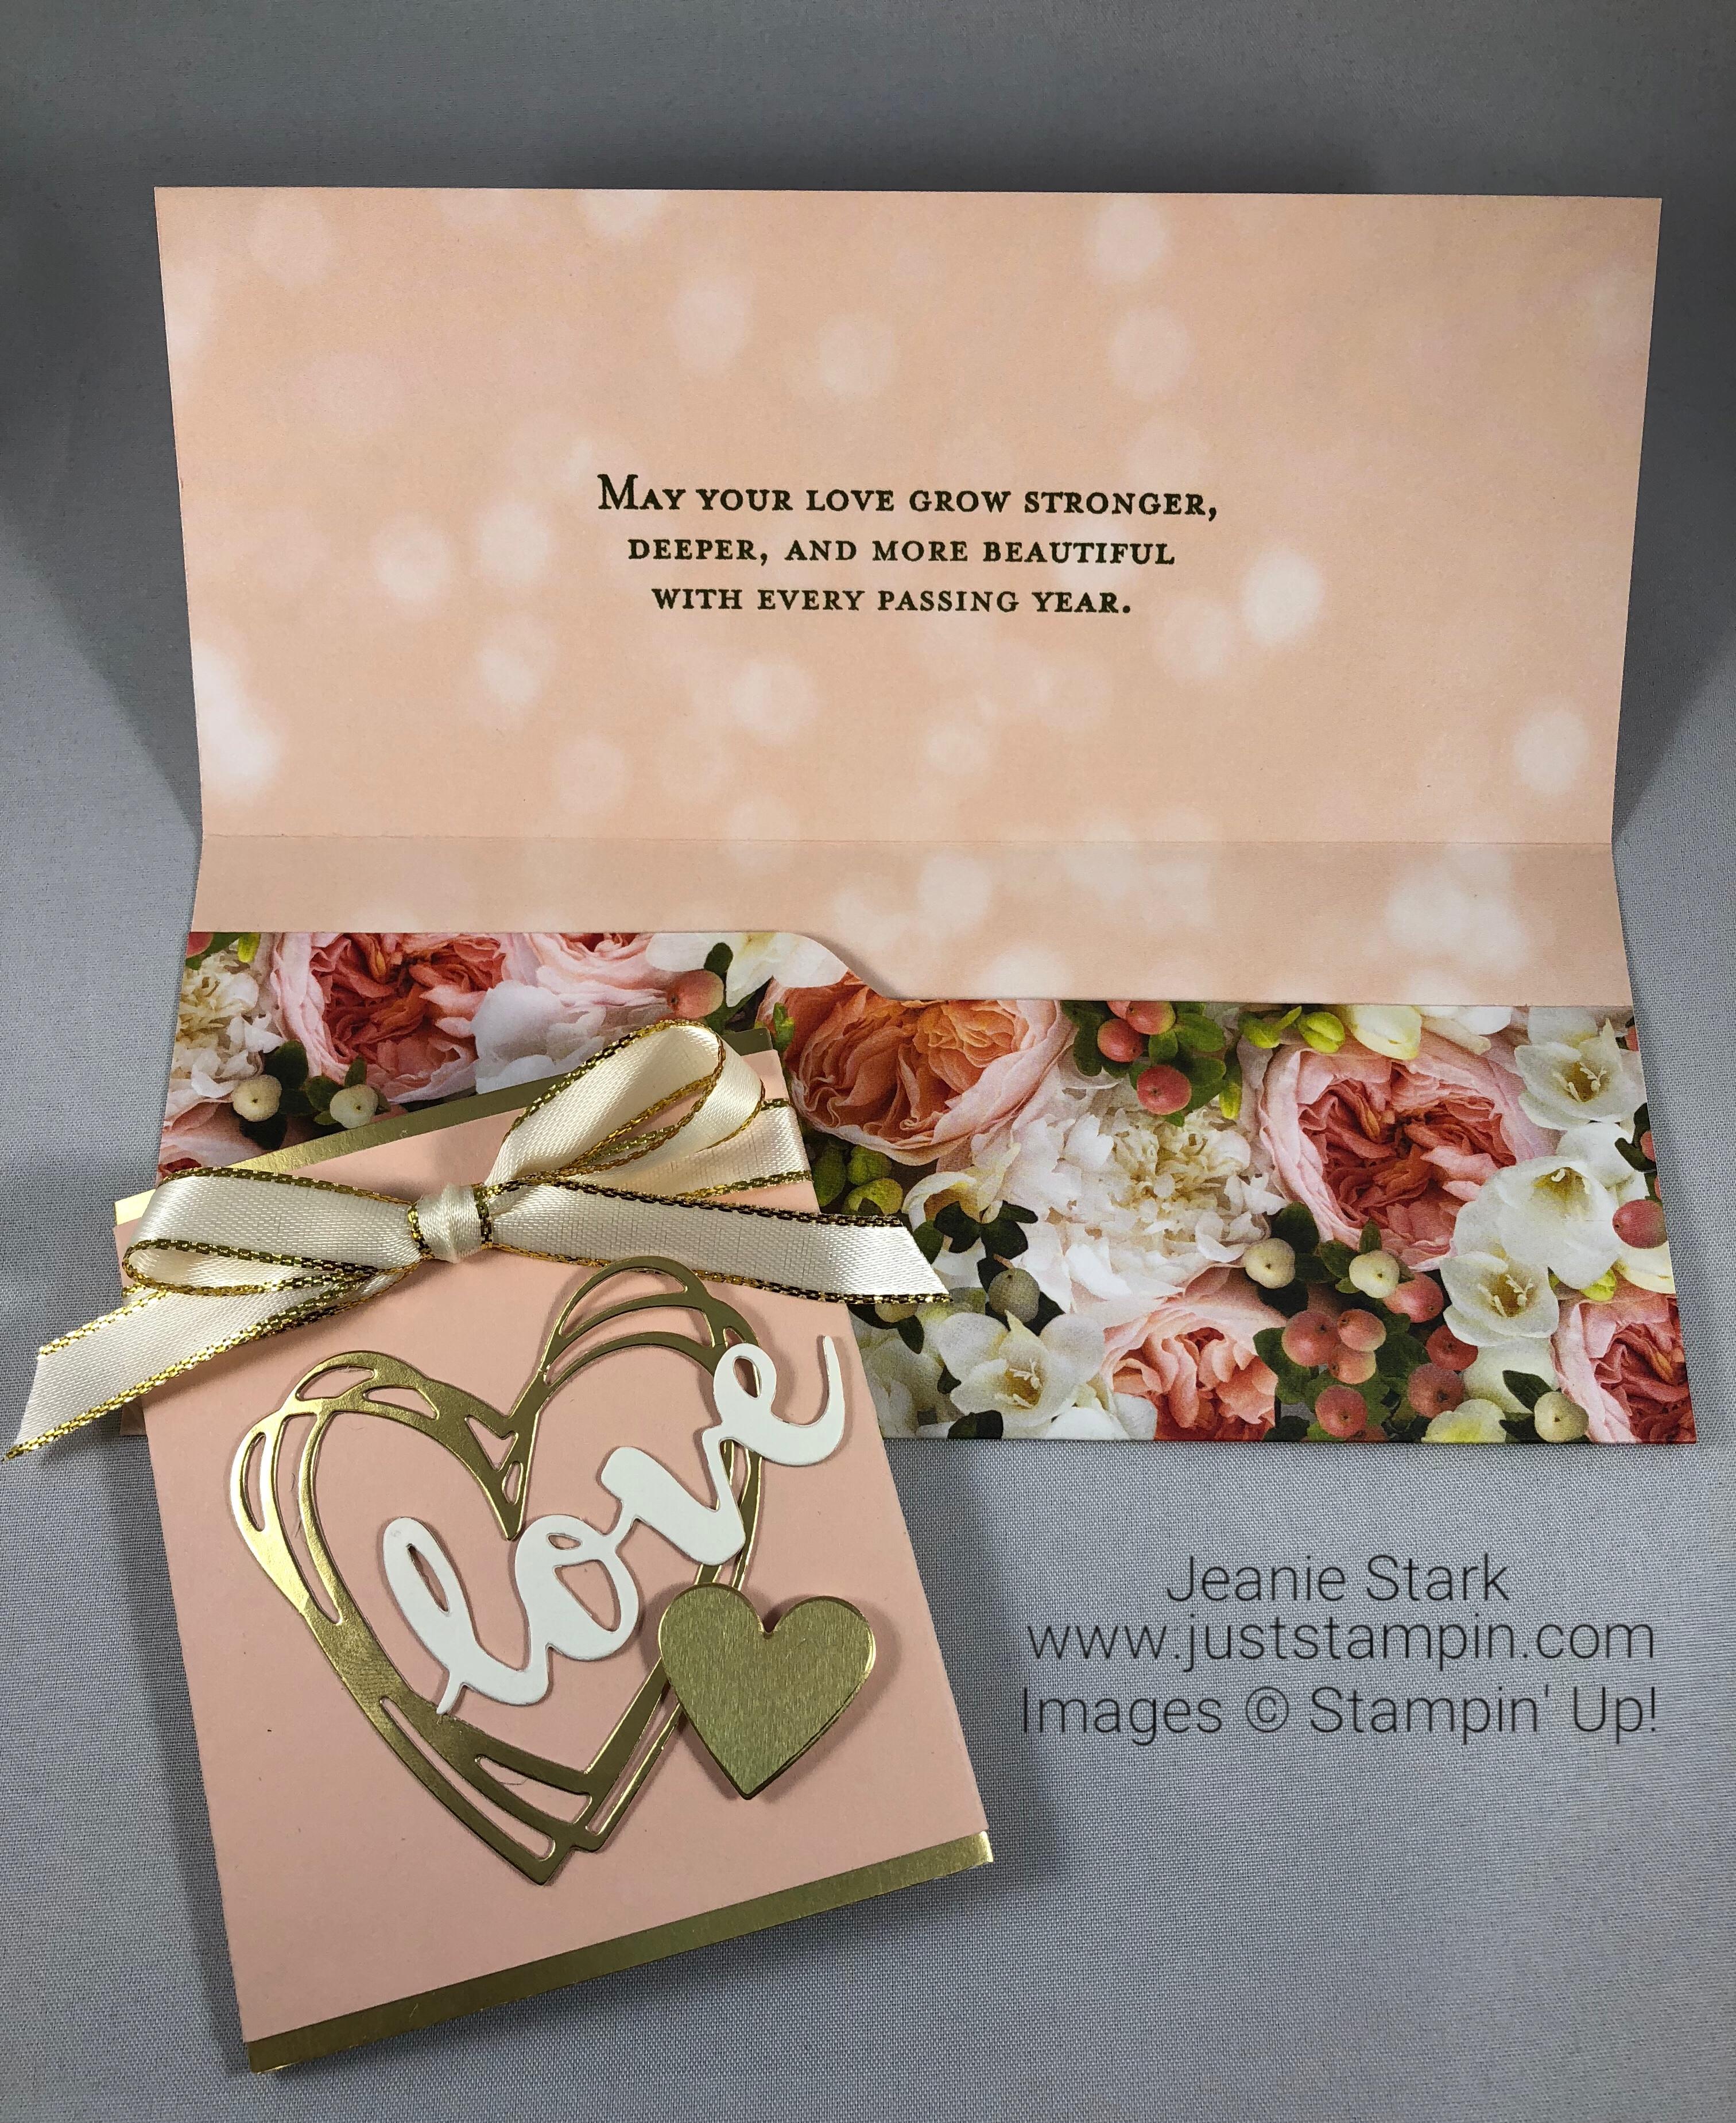 Stampin Up Sunshine Wishes wedding card / money holder idea - Jeanie Stark StampinUp